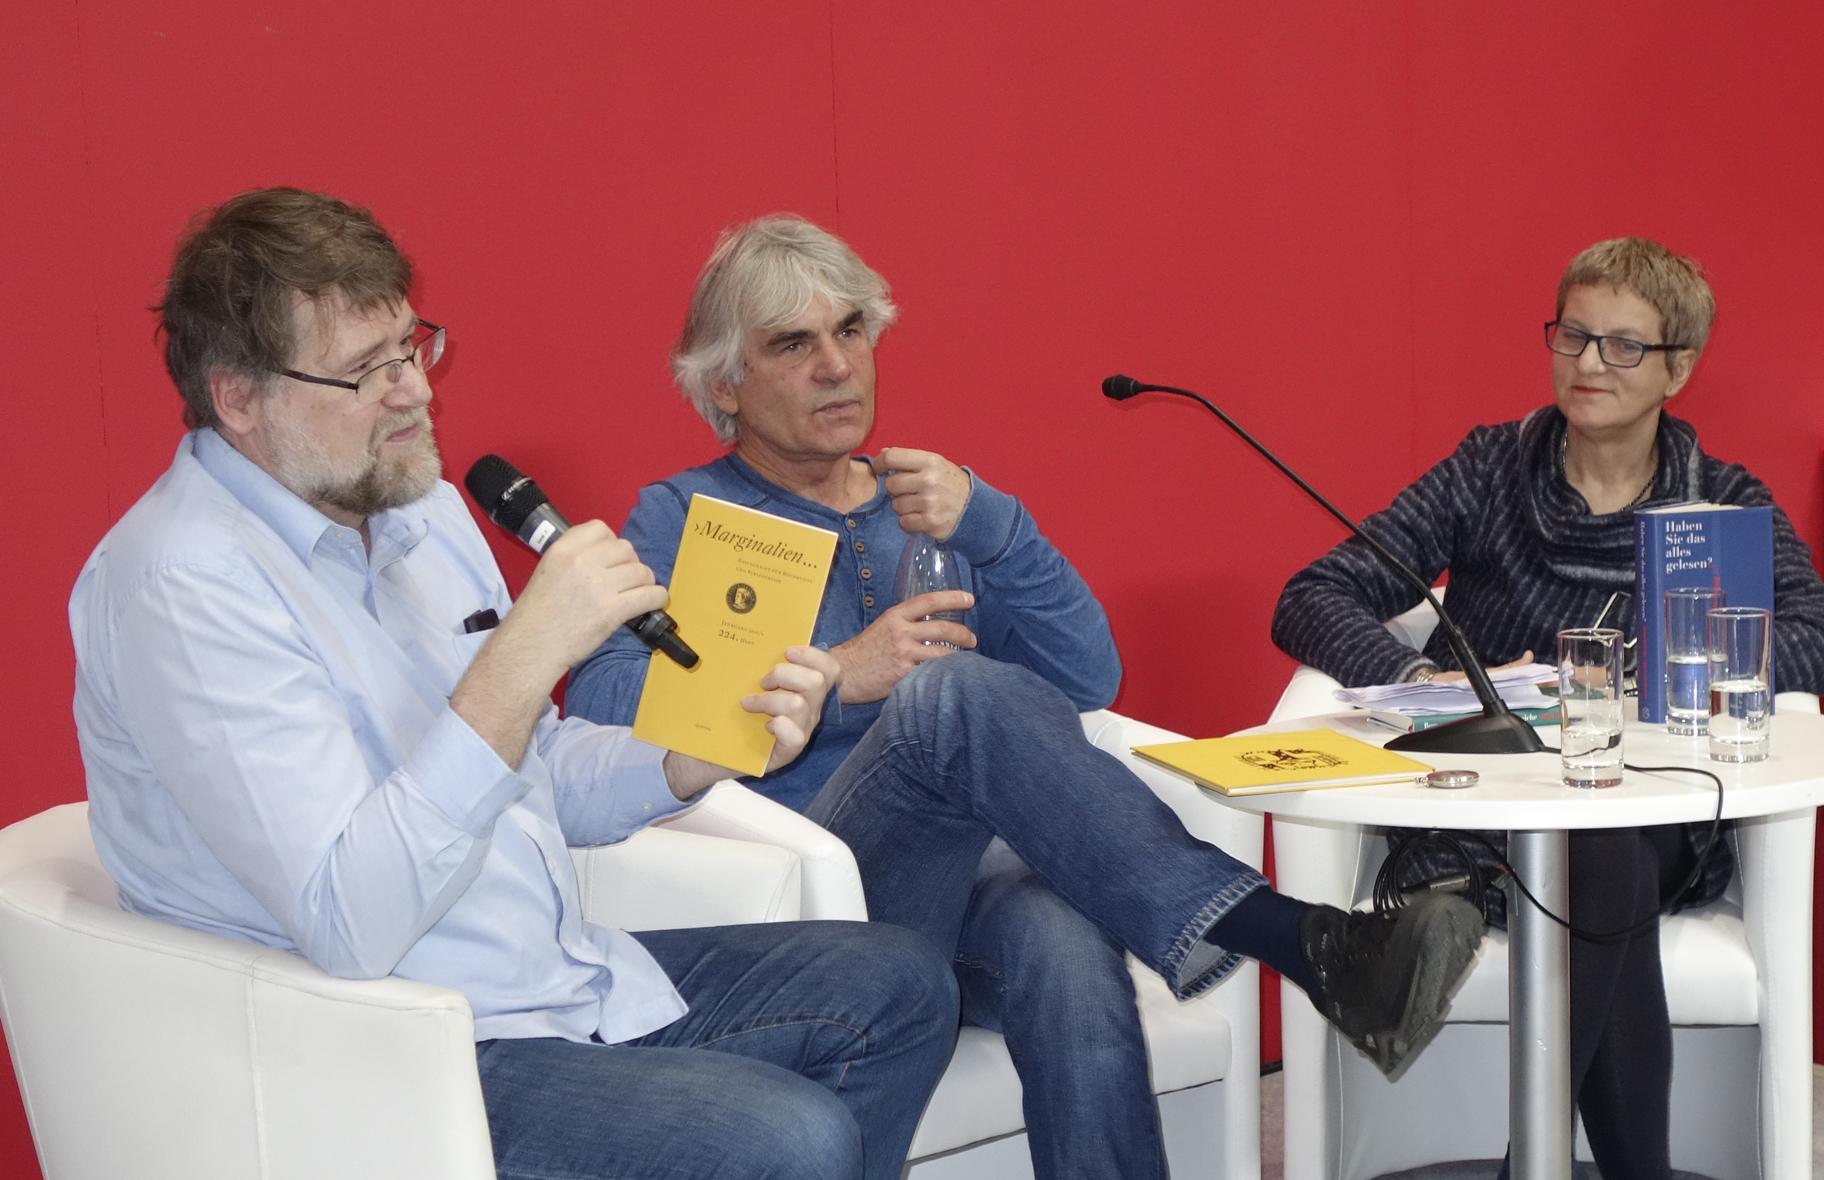 Moderator Jens-Fietje Dwars mit der aktuellen Ausgabe der »Marginalien«, in der Till Schröder das Künstlerbuch von Hartmut Andryczuk rezensiert hat.